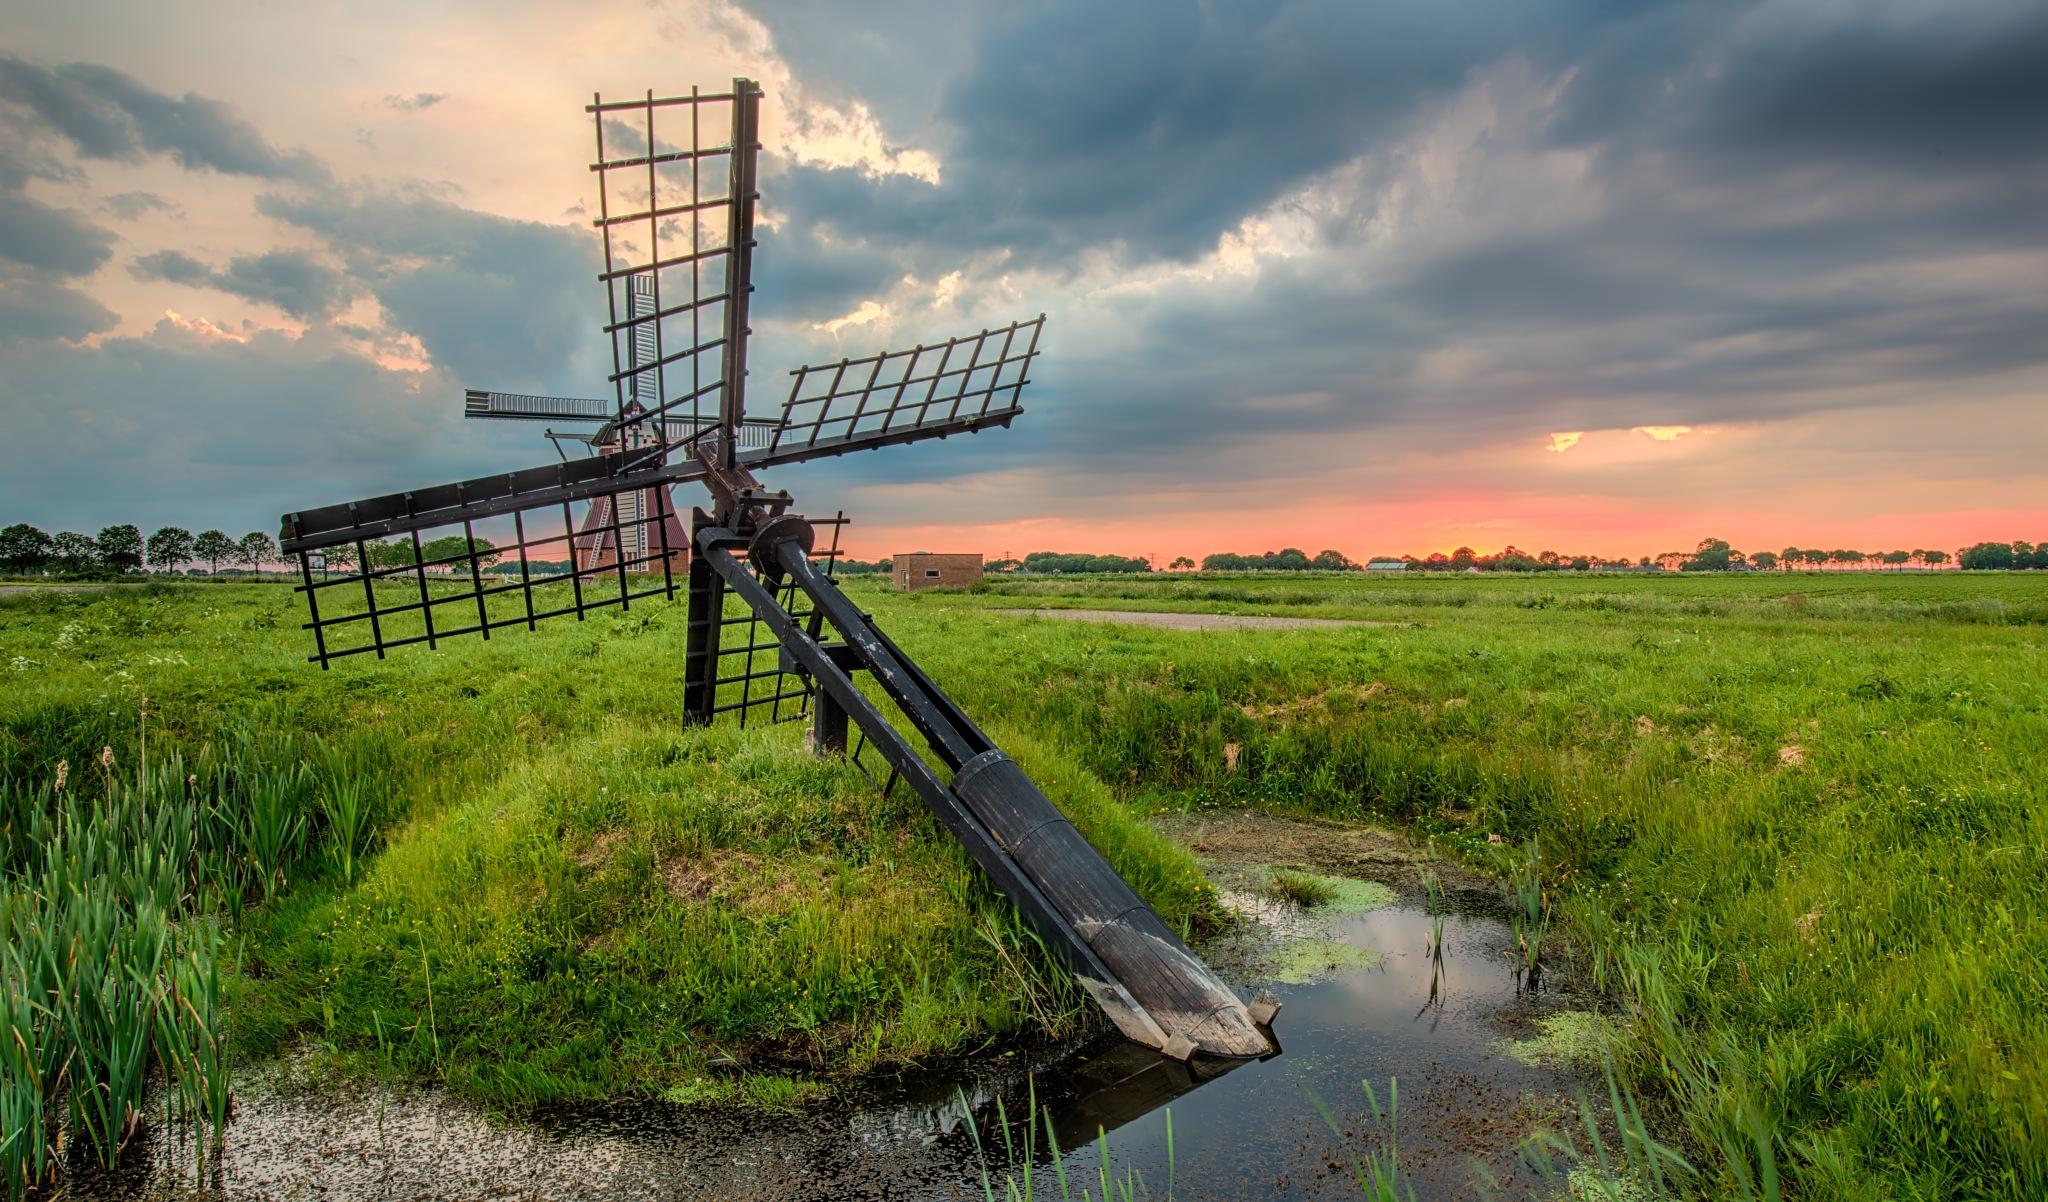 Untitled by R van Wijk